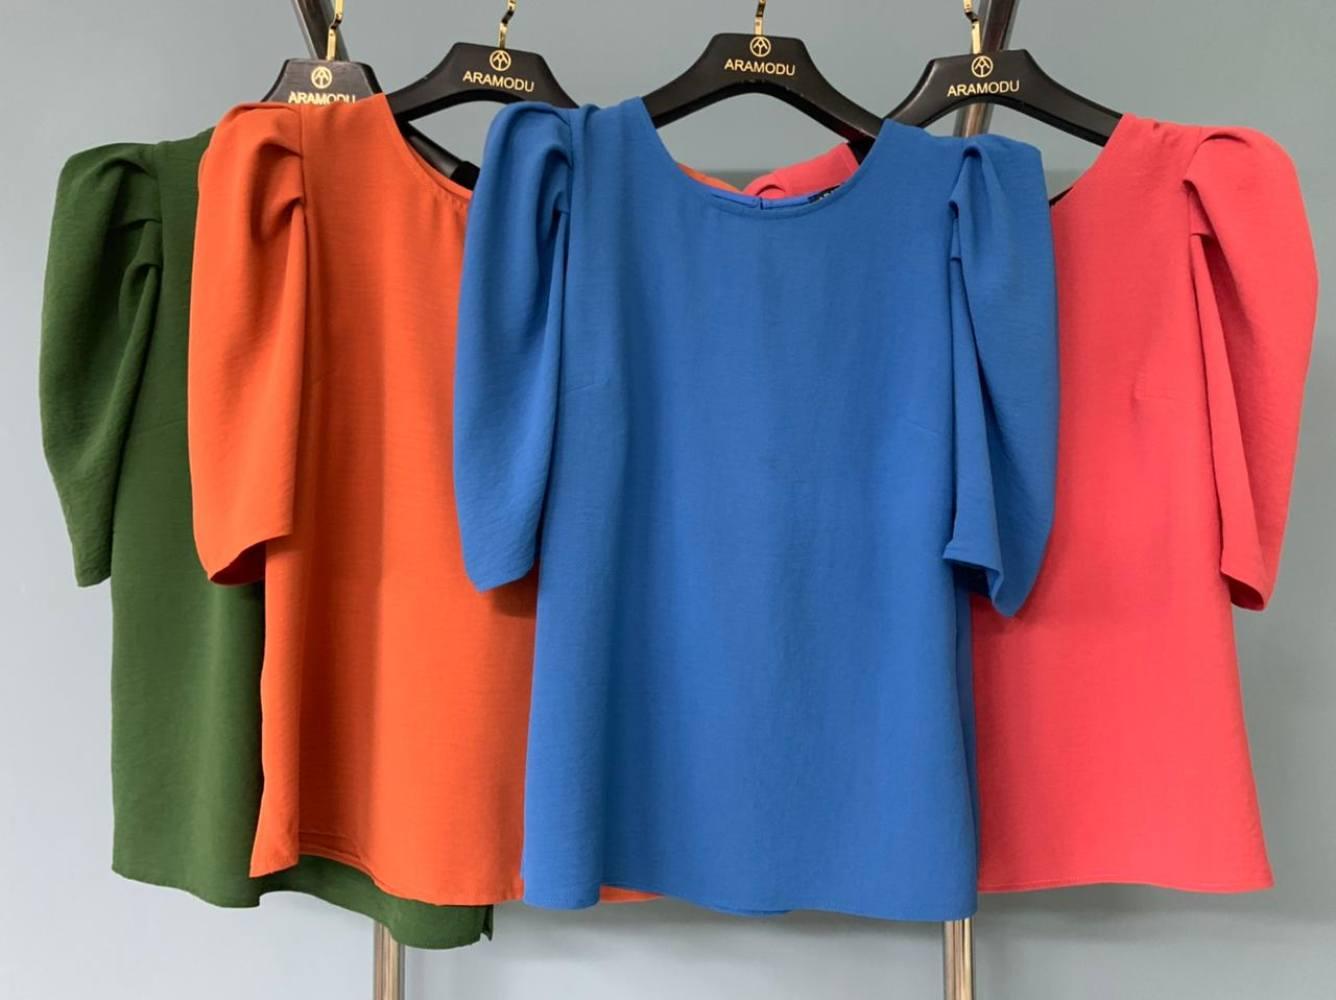 Blusa em Crepe com Decote Redondo e Mangas Bufantes Aramodu